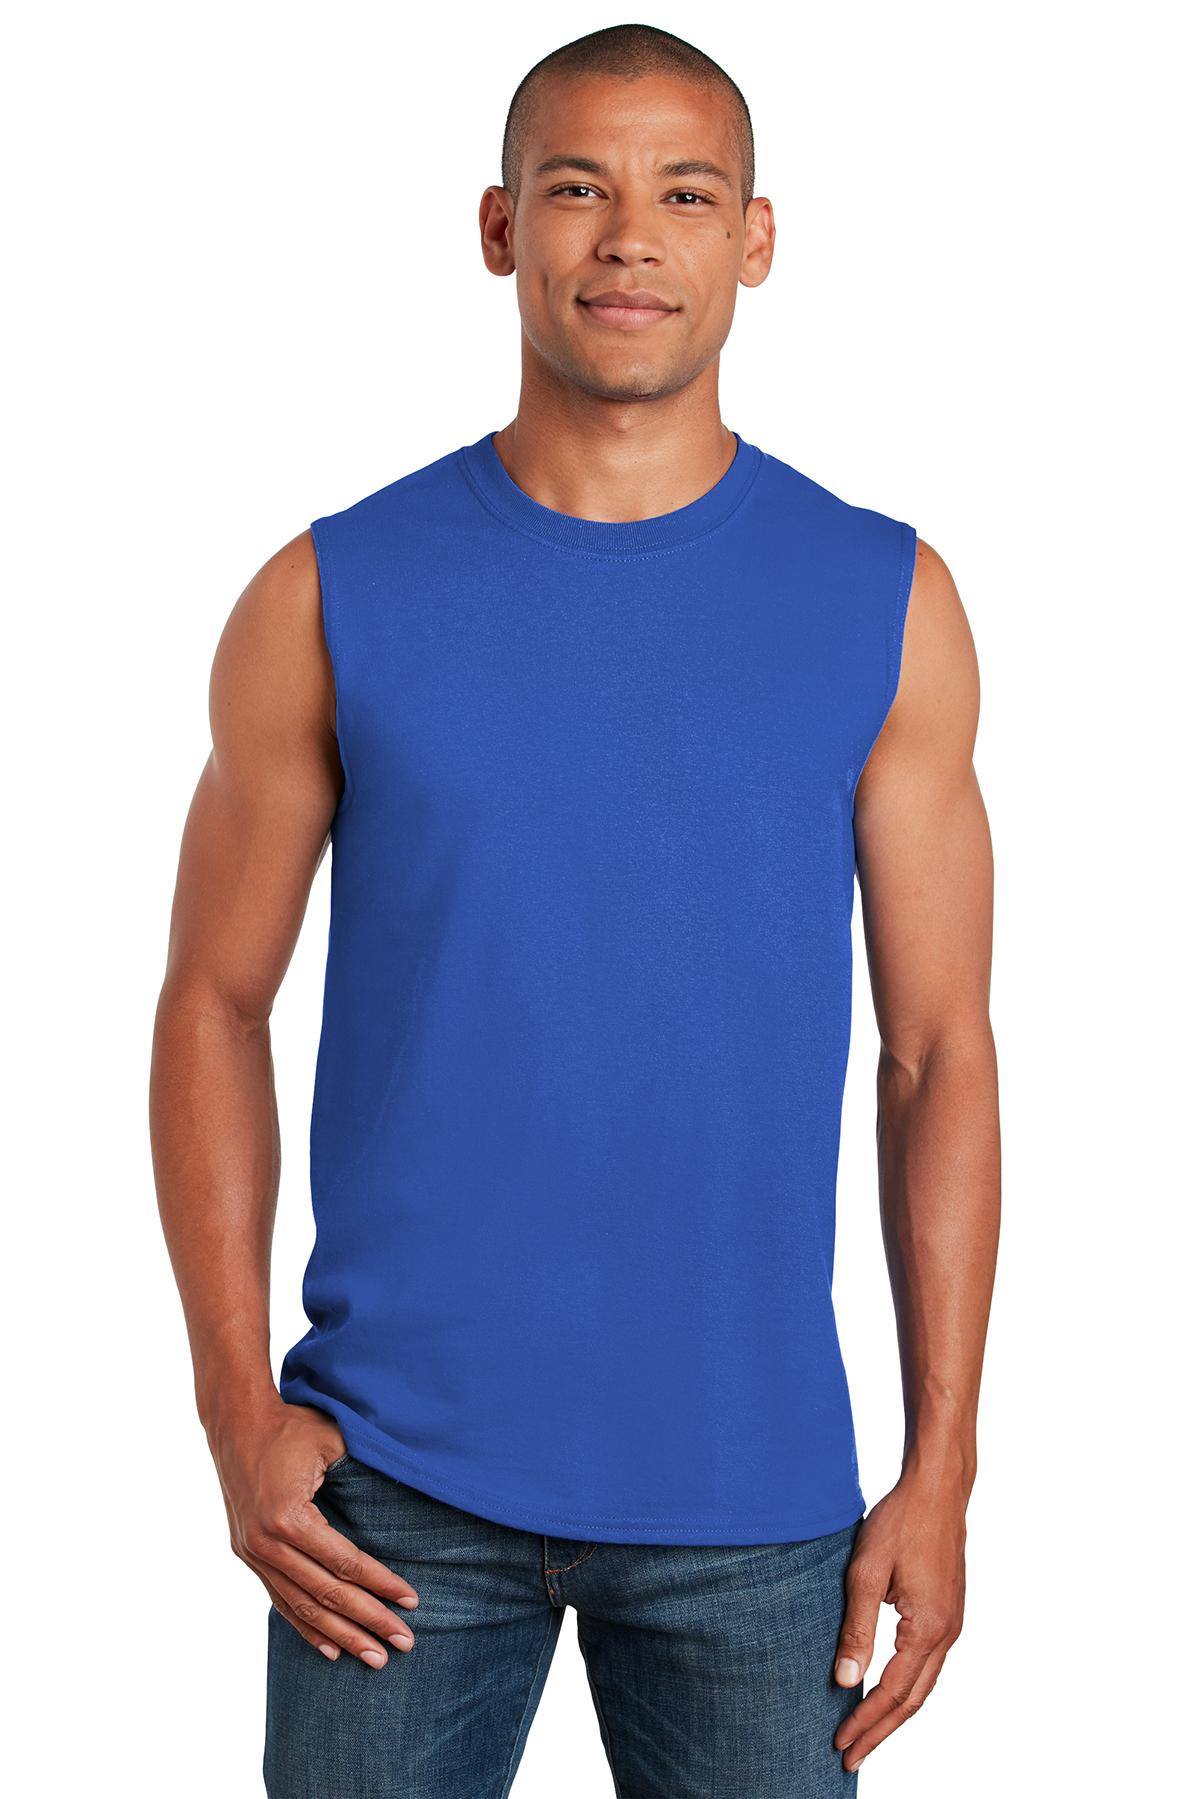 Gildan 6.1 oz Ultra Cotton Sleeveless T-Shirt 2700